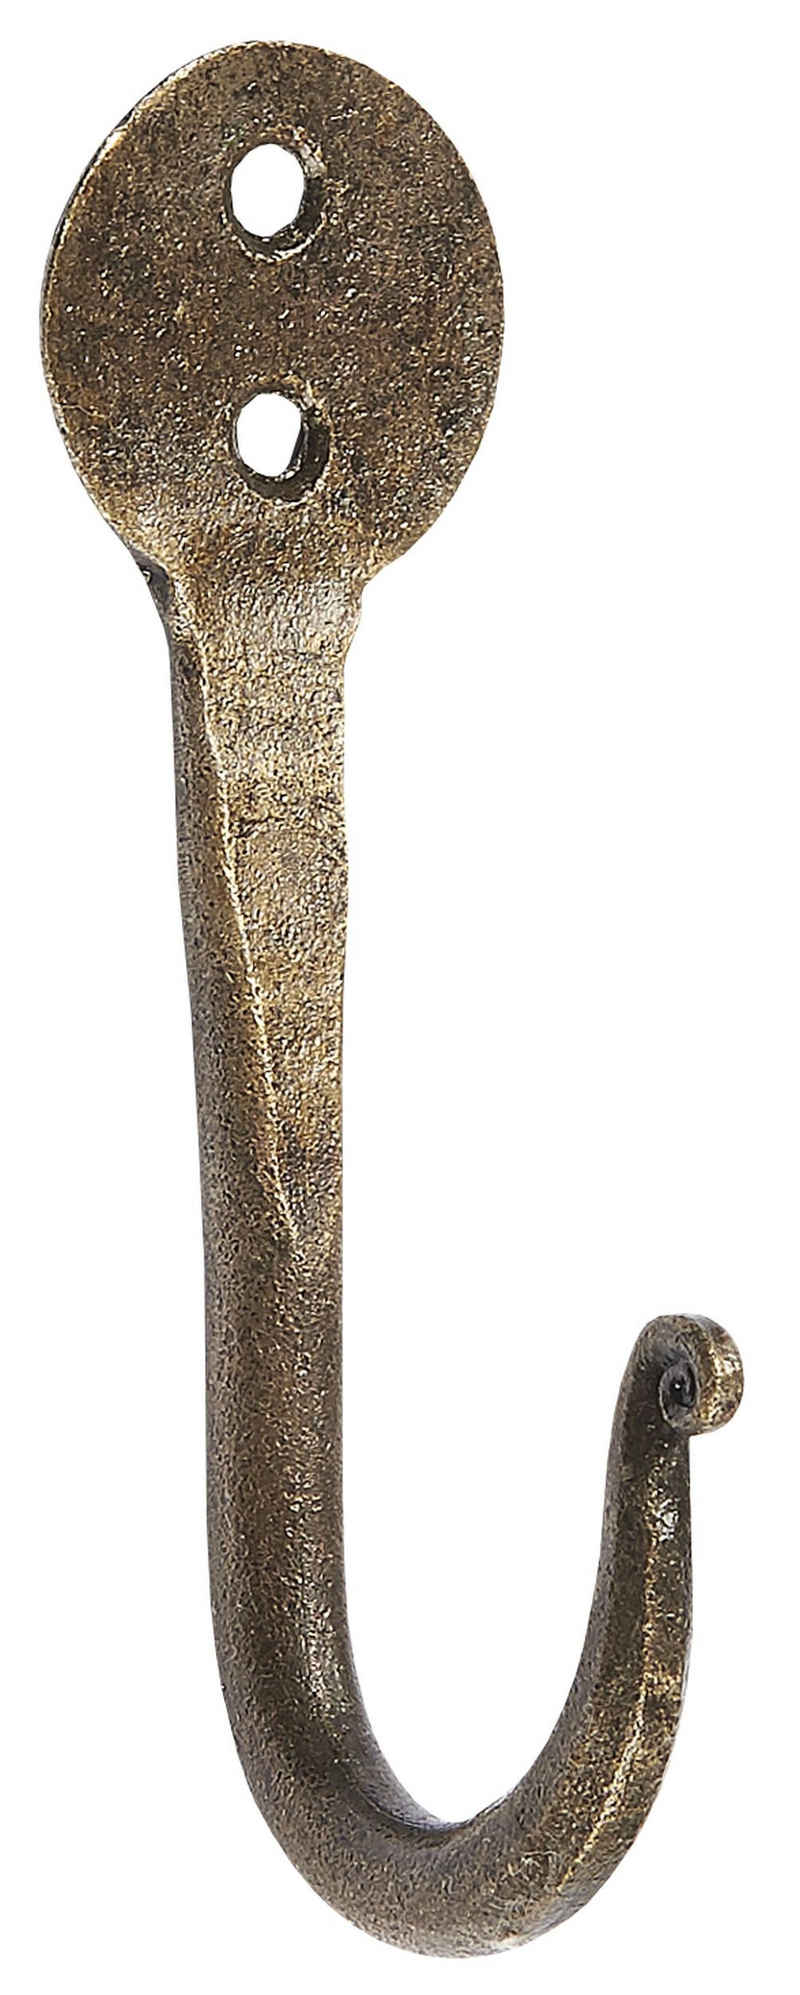 Wandhaken »Wandhaken Kleiderhaken Handtuchhaken Metall Messing Vintage Ib Laursen 0535-17«, Ib Laursen